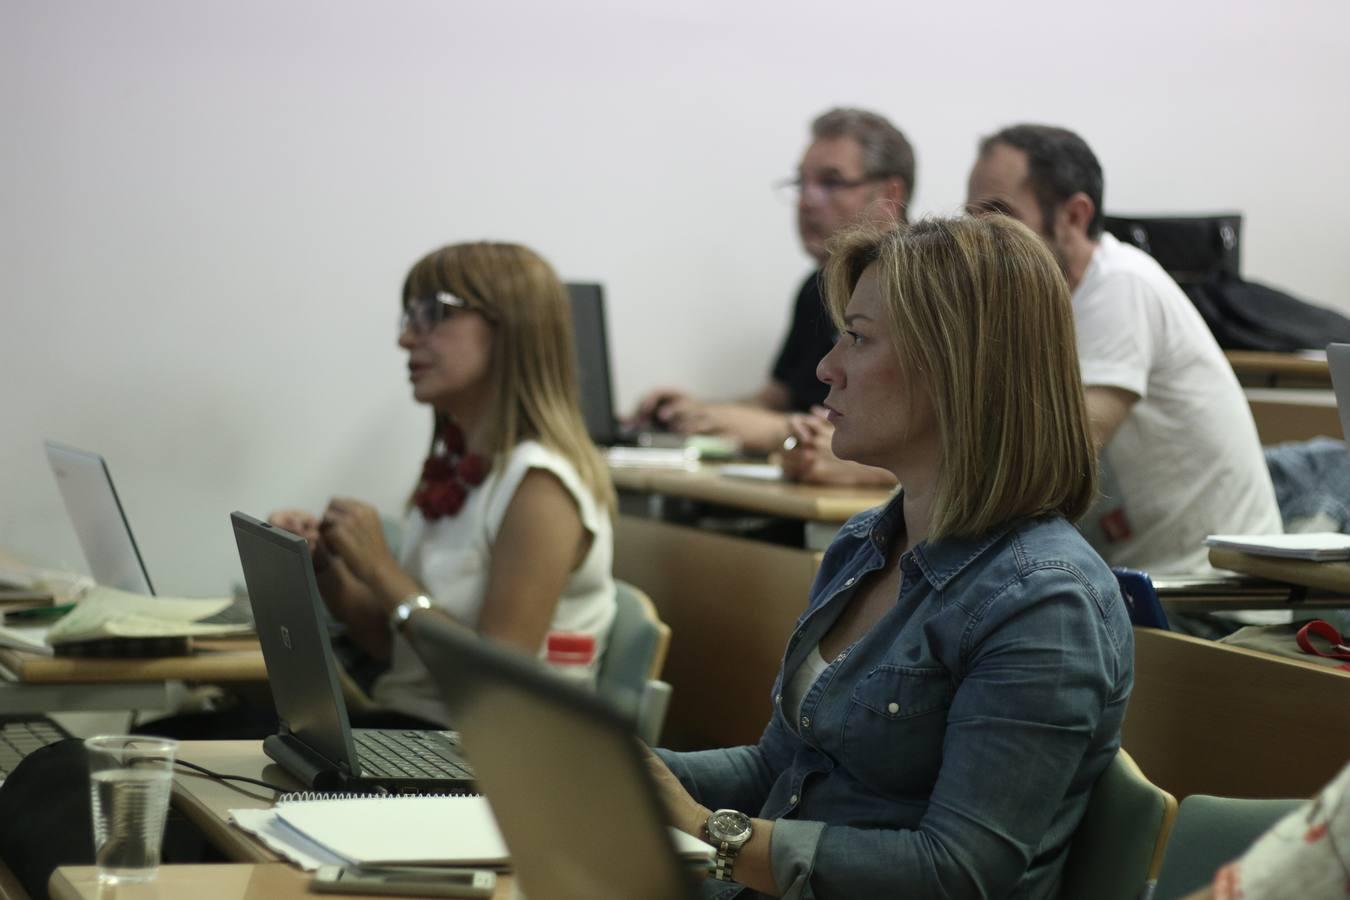 El Máster universitario en dirección de operaciones ofrece formación específica en operaciones combinado con formación en gestión empresarial